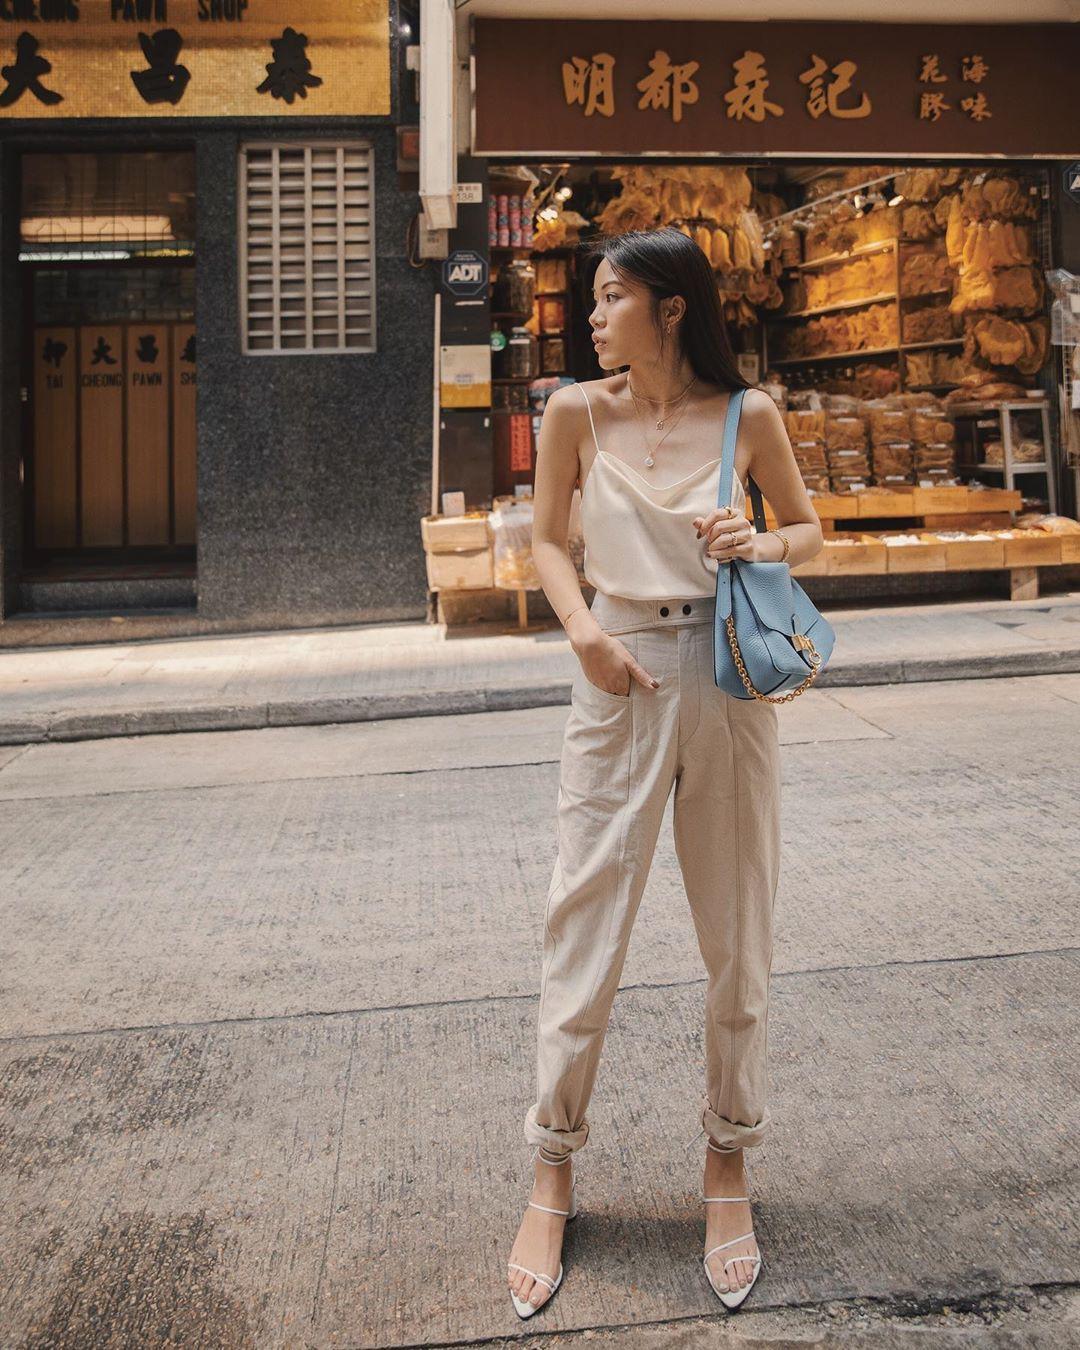 Street style Châu Á: Chẳng cầu kỳ, chỉ với vài ba món đồ công sở đơn giản mà vẫn mãn nhãn người nhìn - Ảnh 14